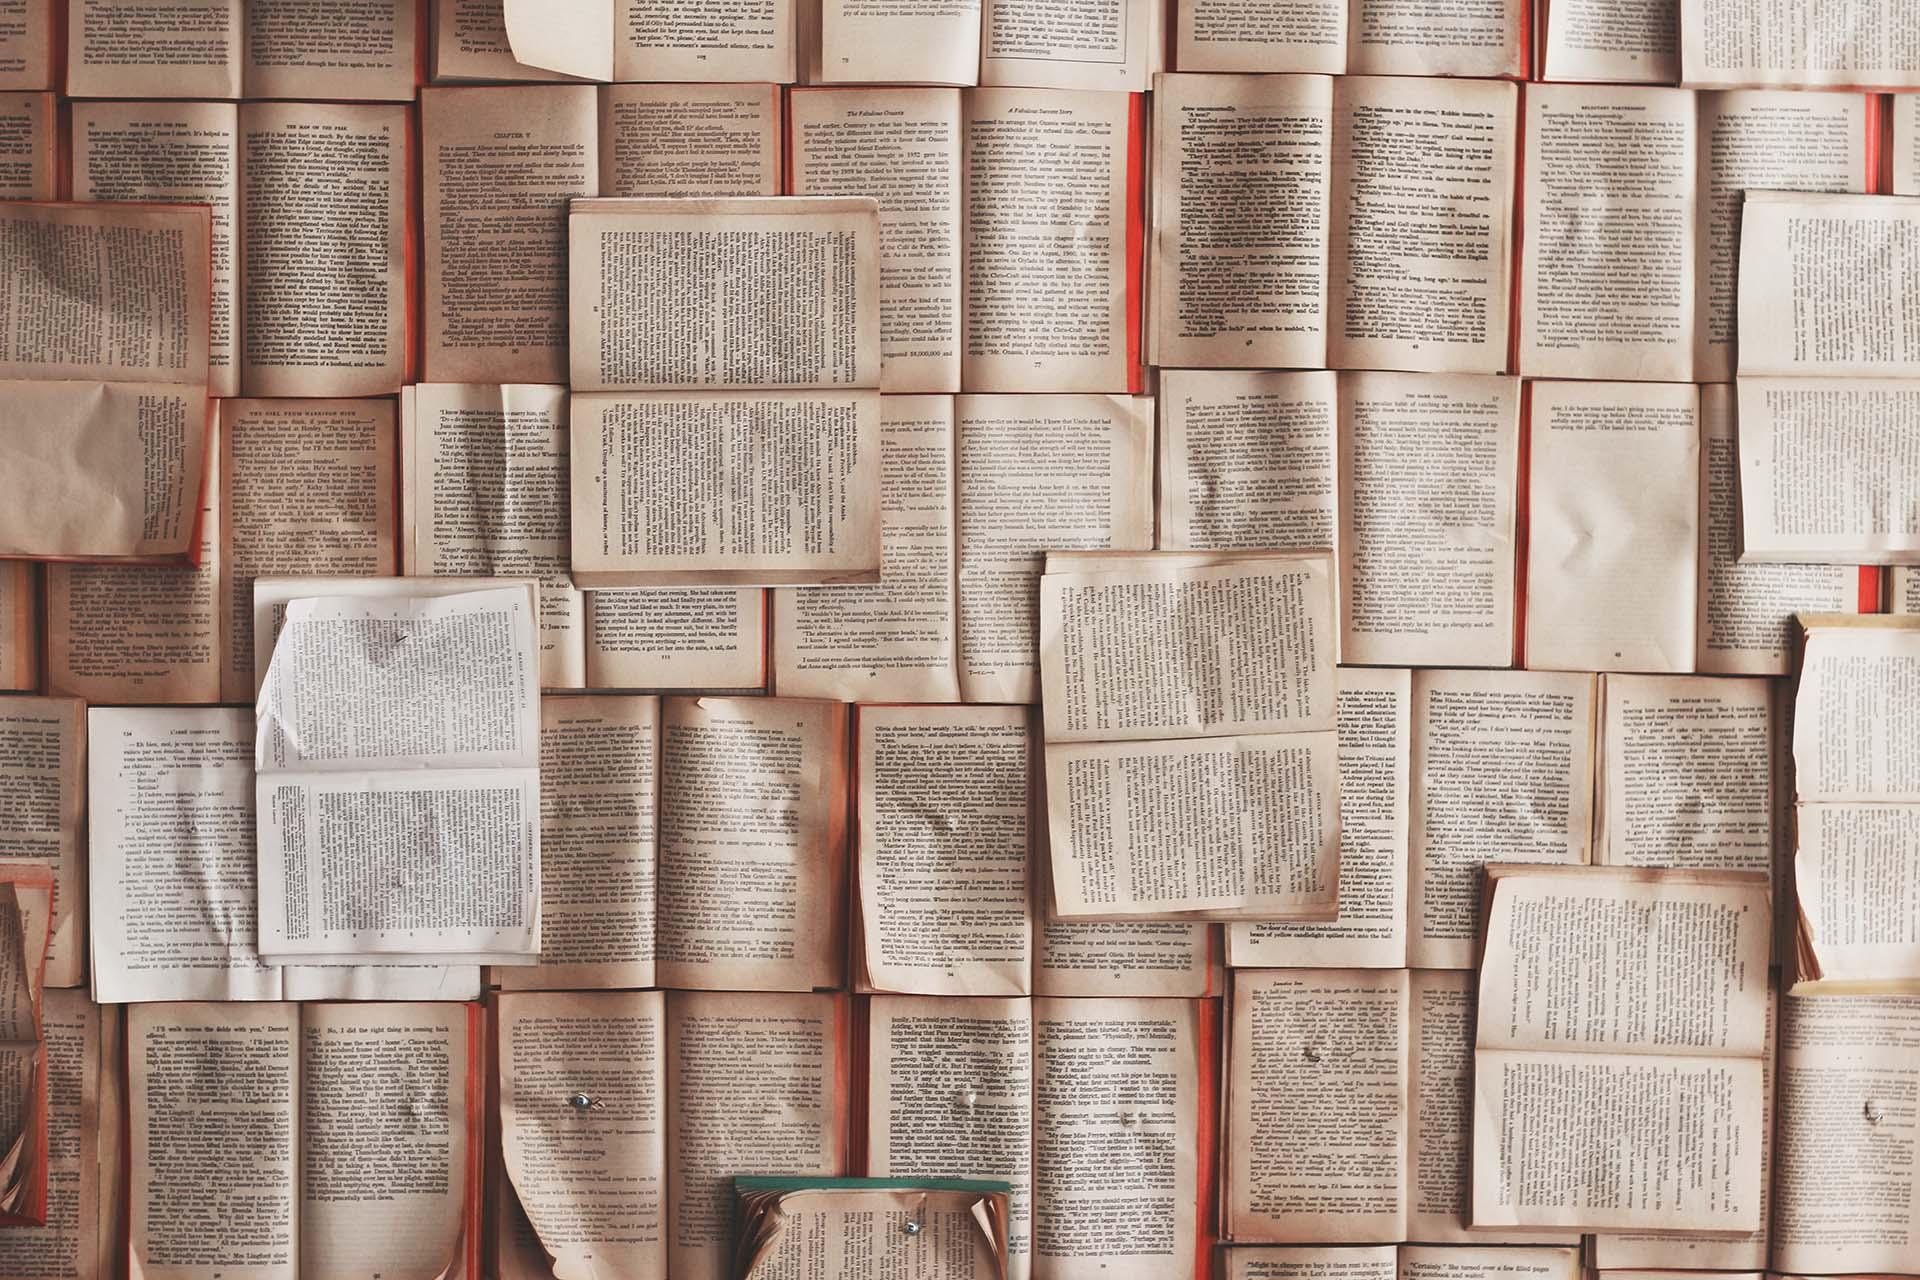 t2informatik Blog: Lohnt sich Content Marketing?